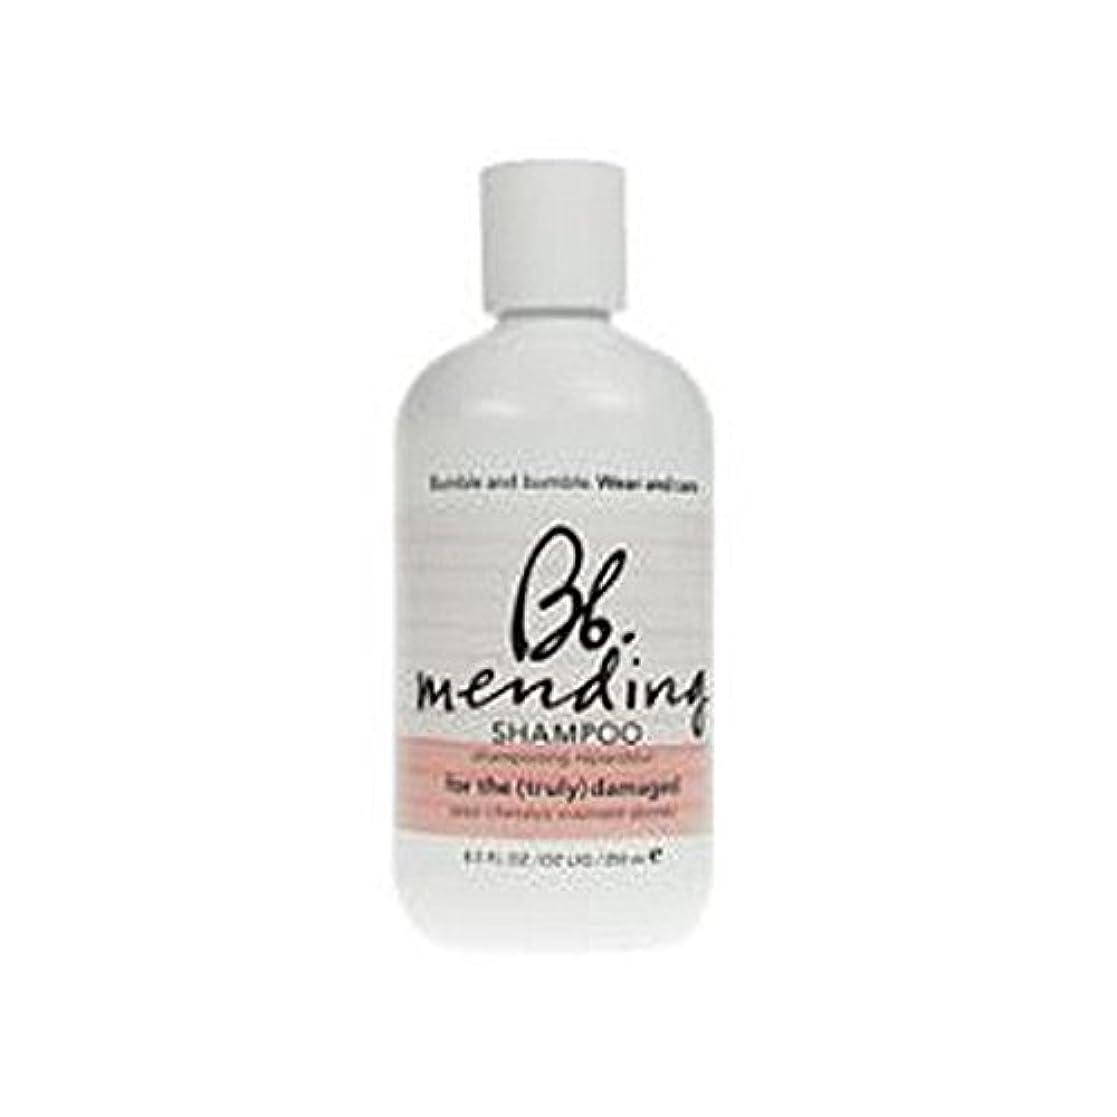 喜び兵士ネックレットBb Wear And Care Mending Shampoo (250ml) (Pack of 6) - 着用し、補修シャンプー(250ミリリットル)を気に x6 [並行輸入品]